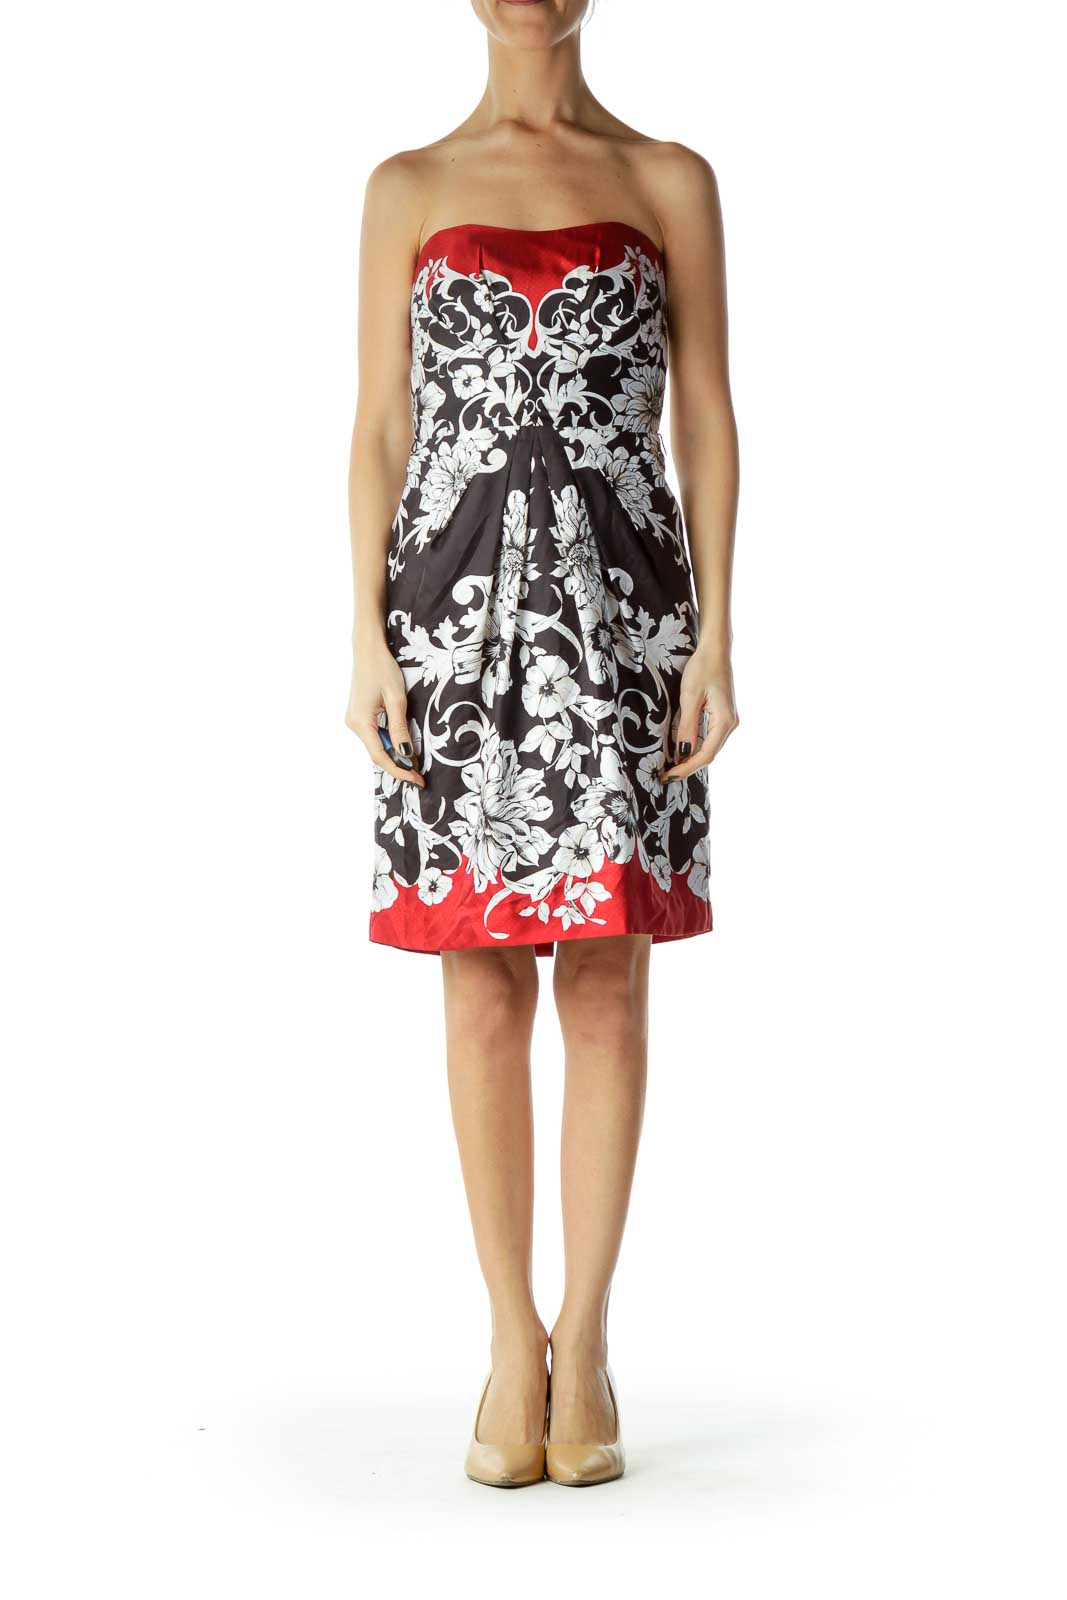 Red Black Floral Cocktail Dress